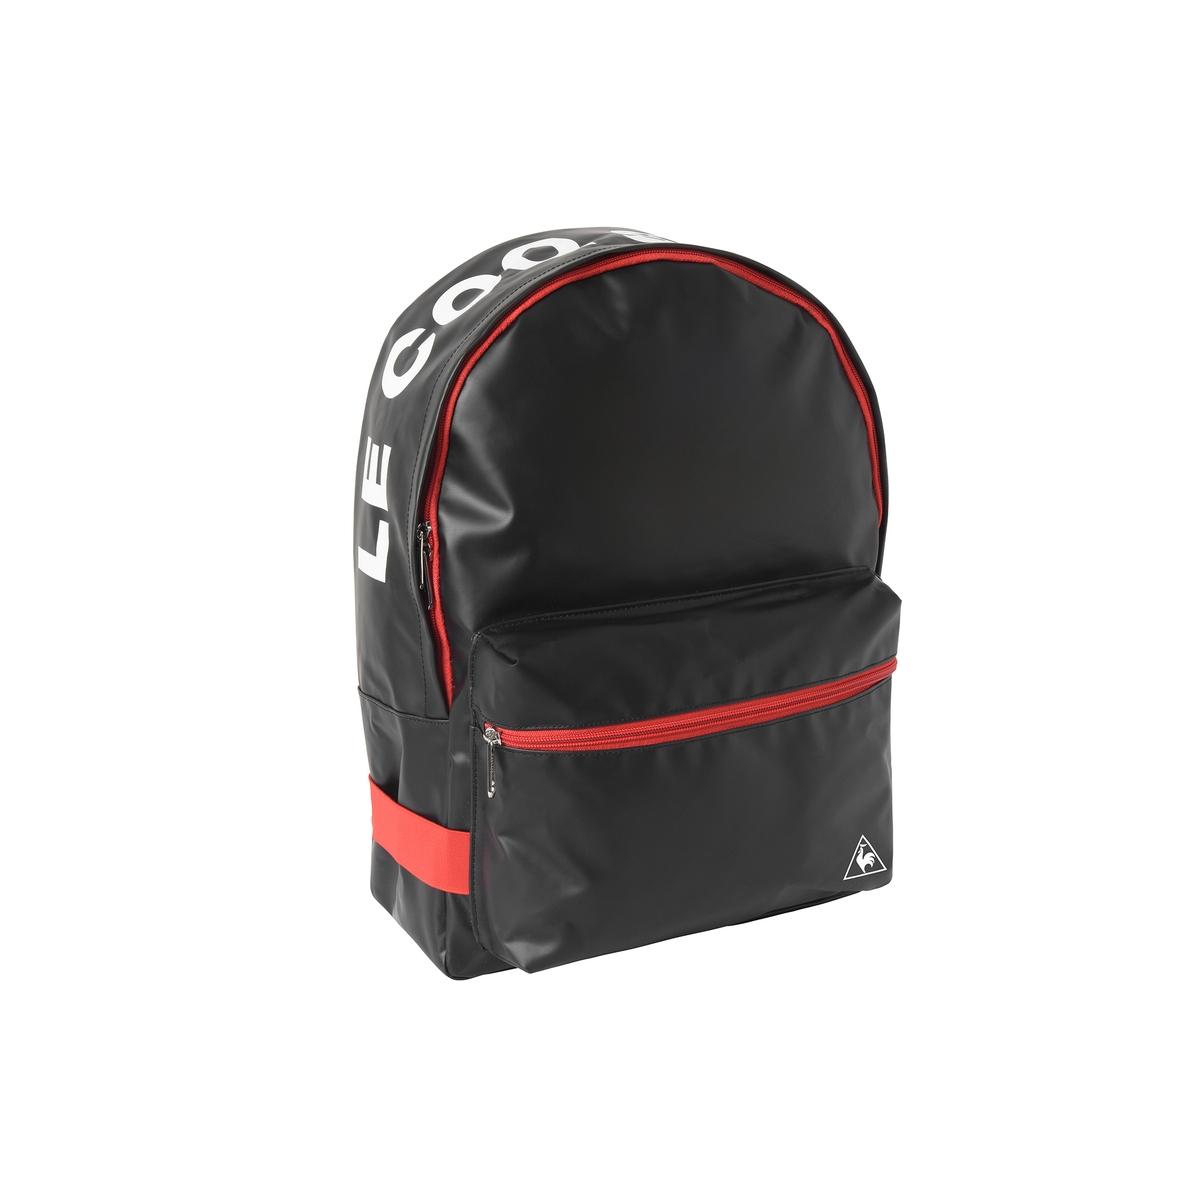 Рюкзак Nacarat backpackРюкзак NACARAT BACKPACK от LE COQ SPORTIF - Синтетический материал - Синтетическая подкладка - Застежка на молнию.<br><br>Цвет: черный/ красный